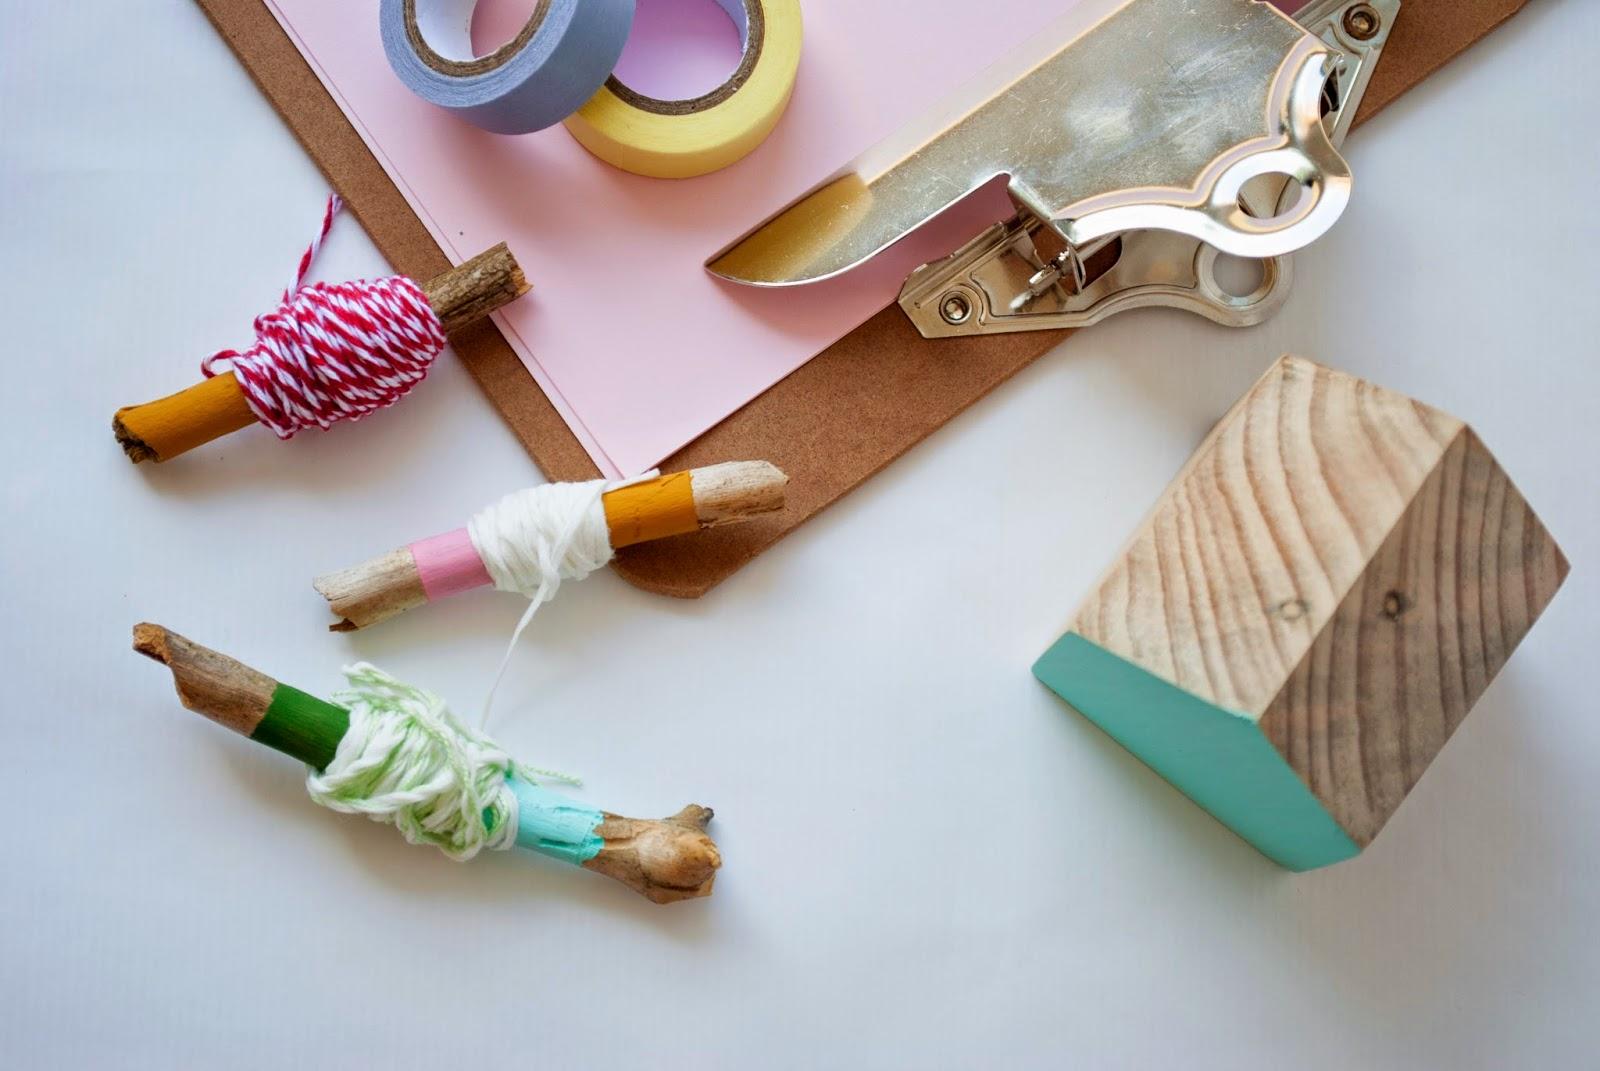 Imagen DIY con palos